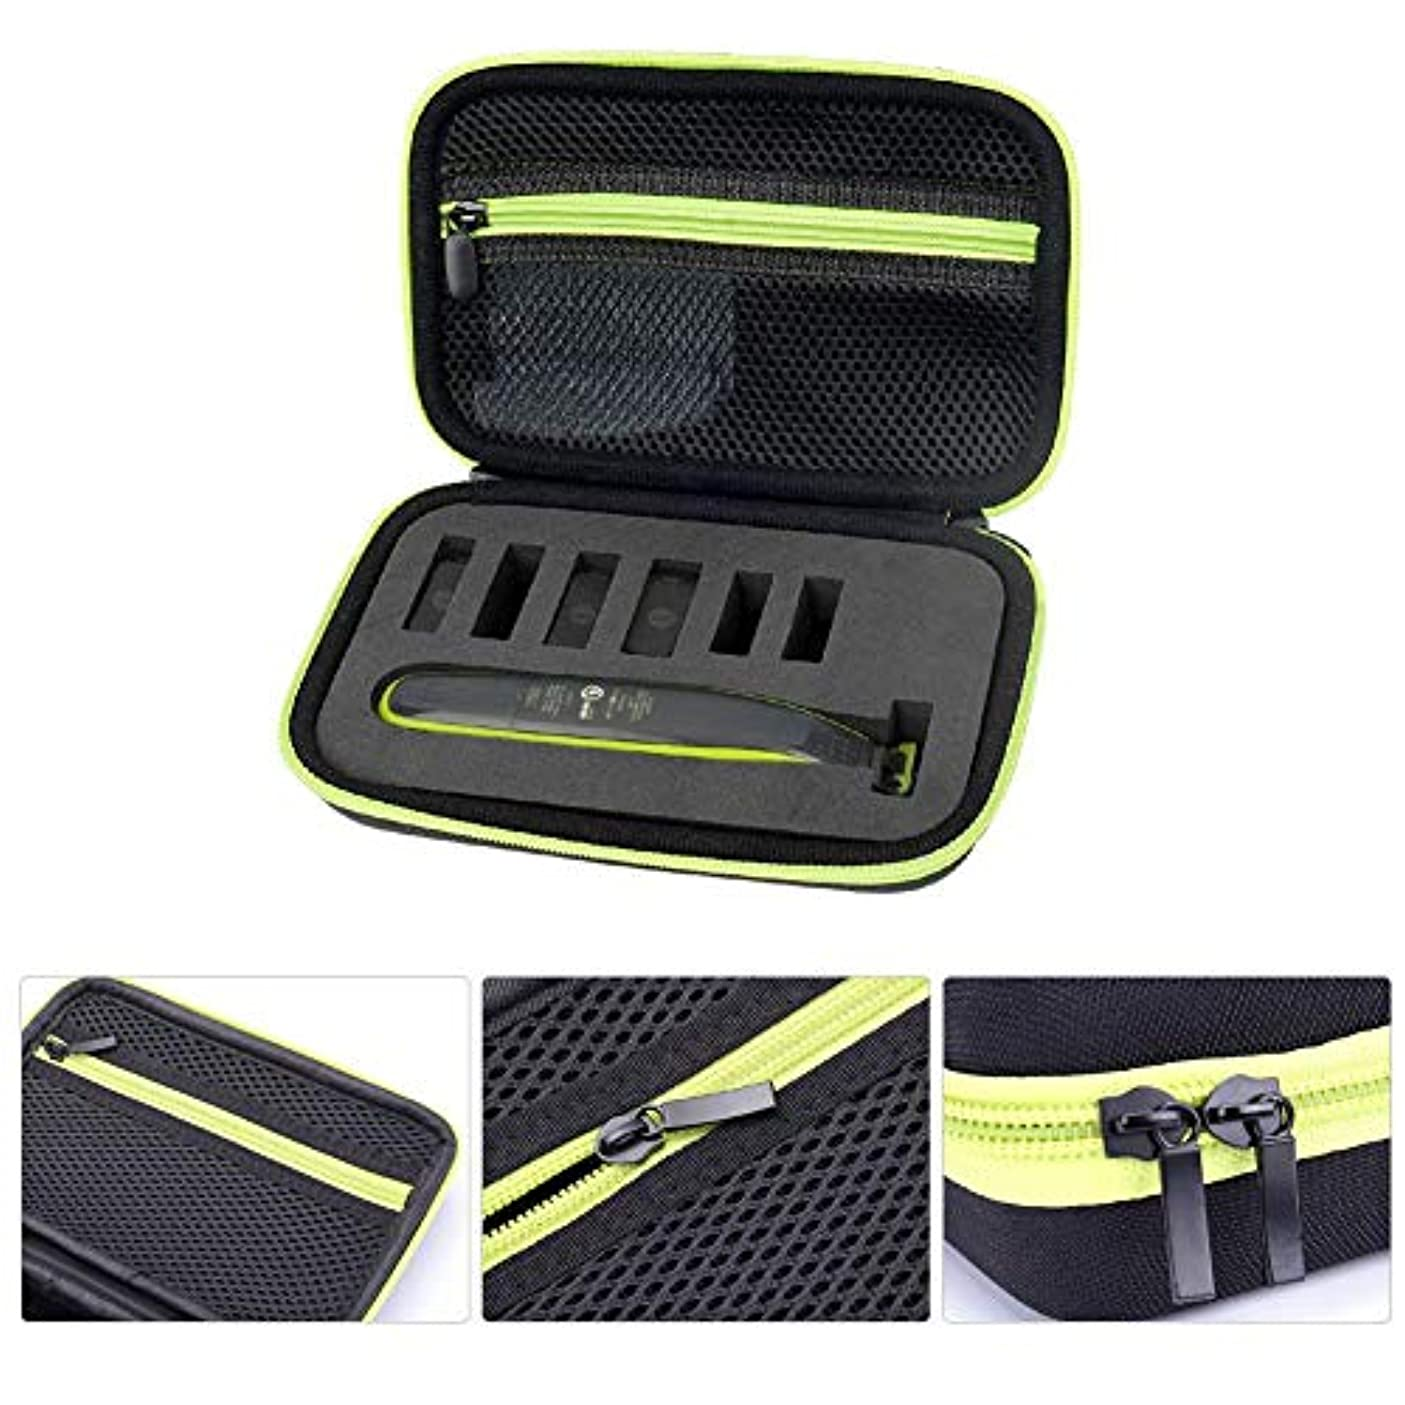 広告するシャープ伴うシェーバーキャリングケース、Philips OneBlade用耐衝撃性EVAシェーバートラベル収納バッグ